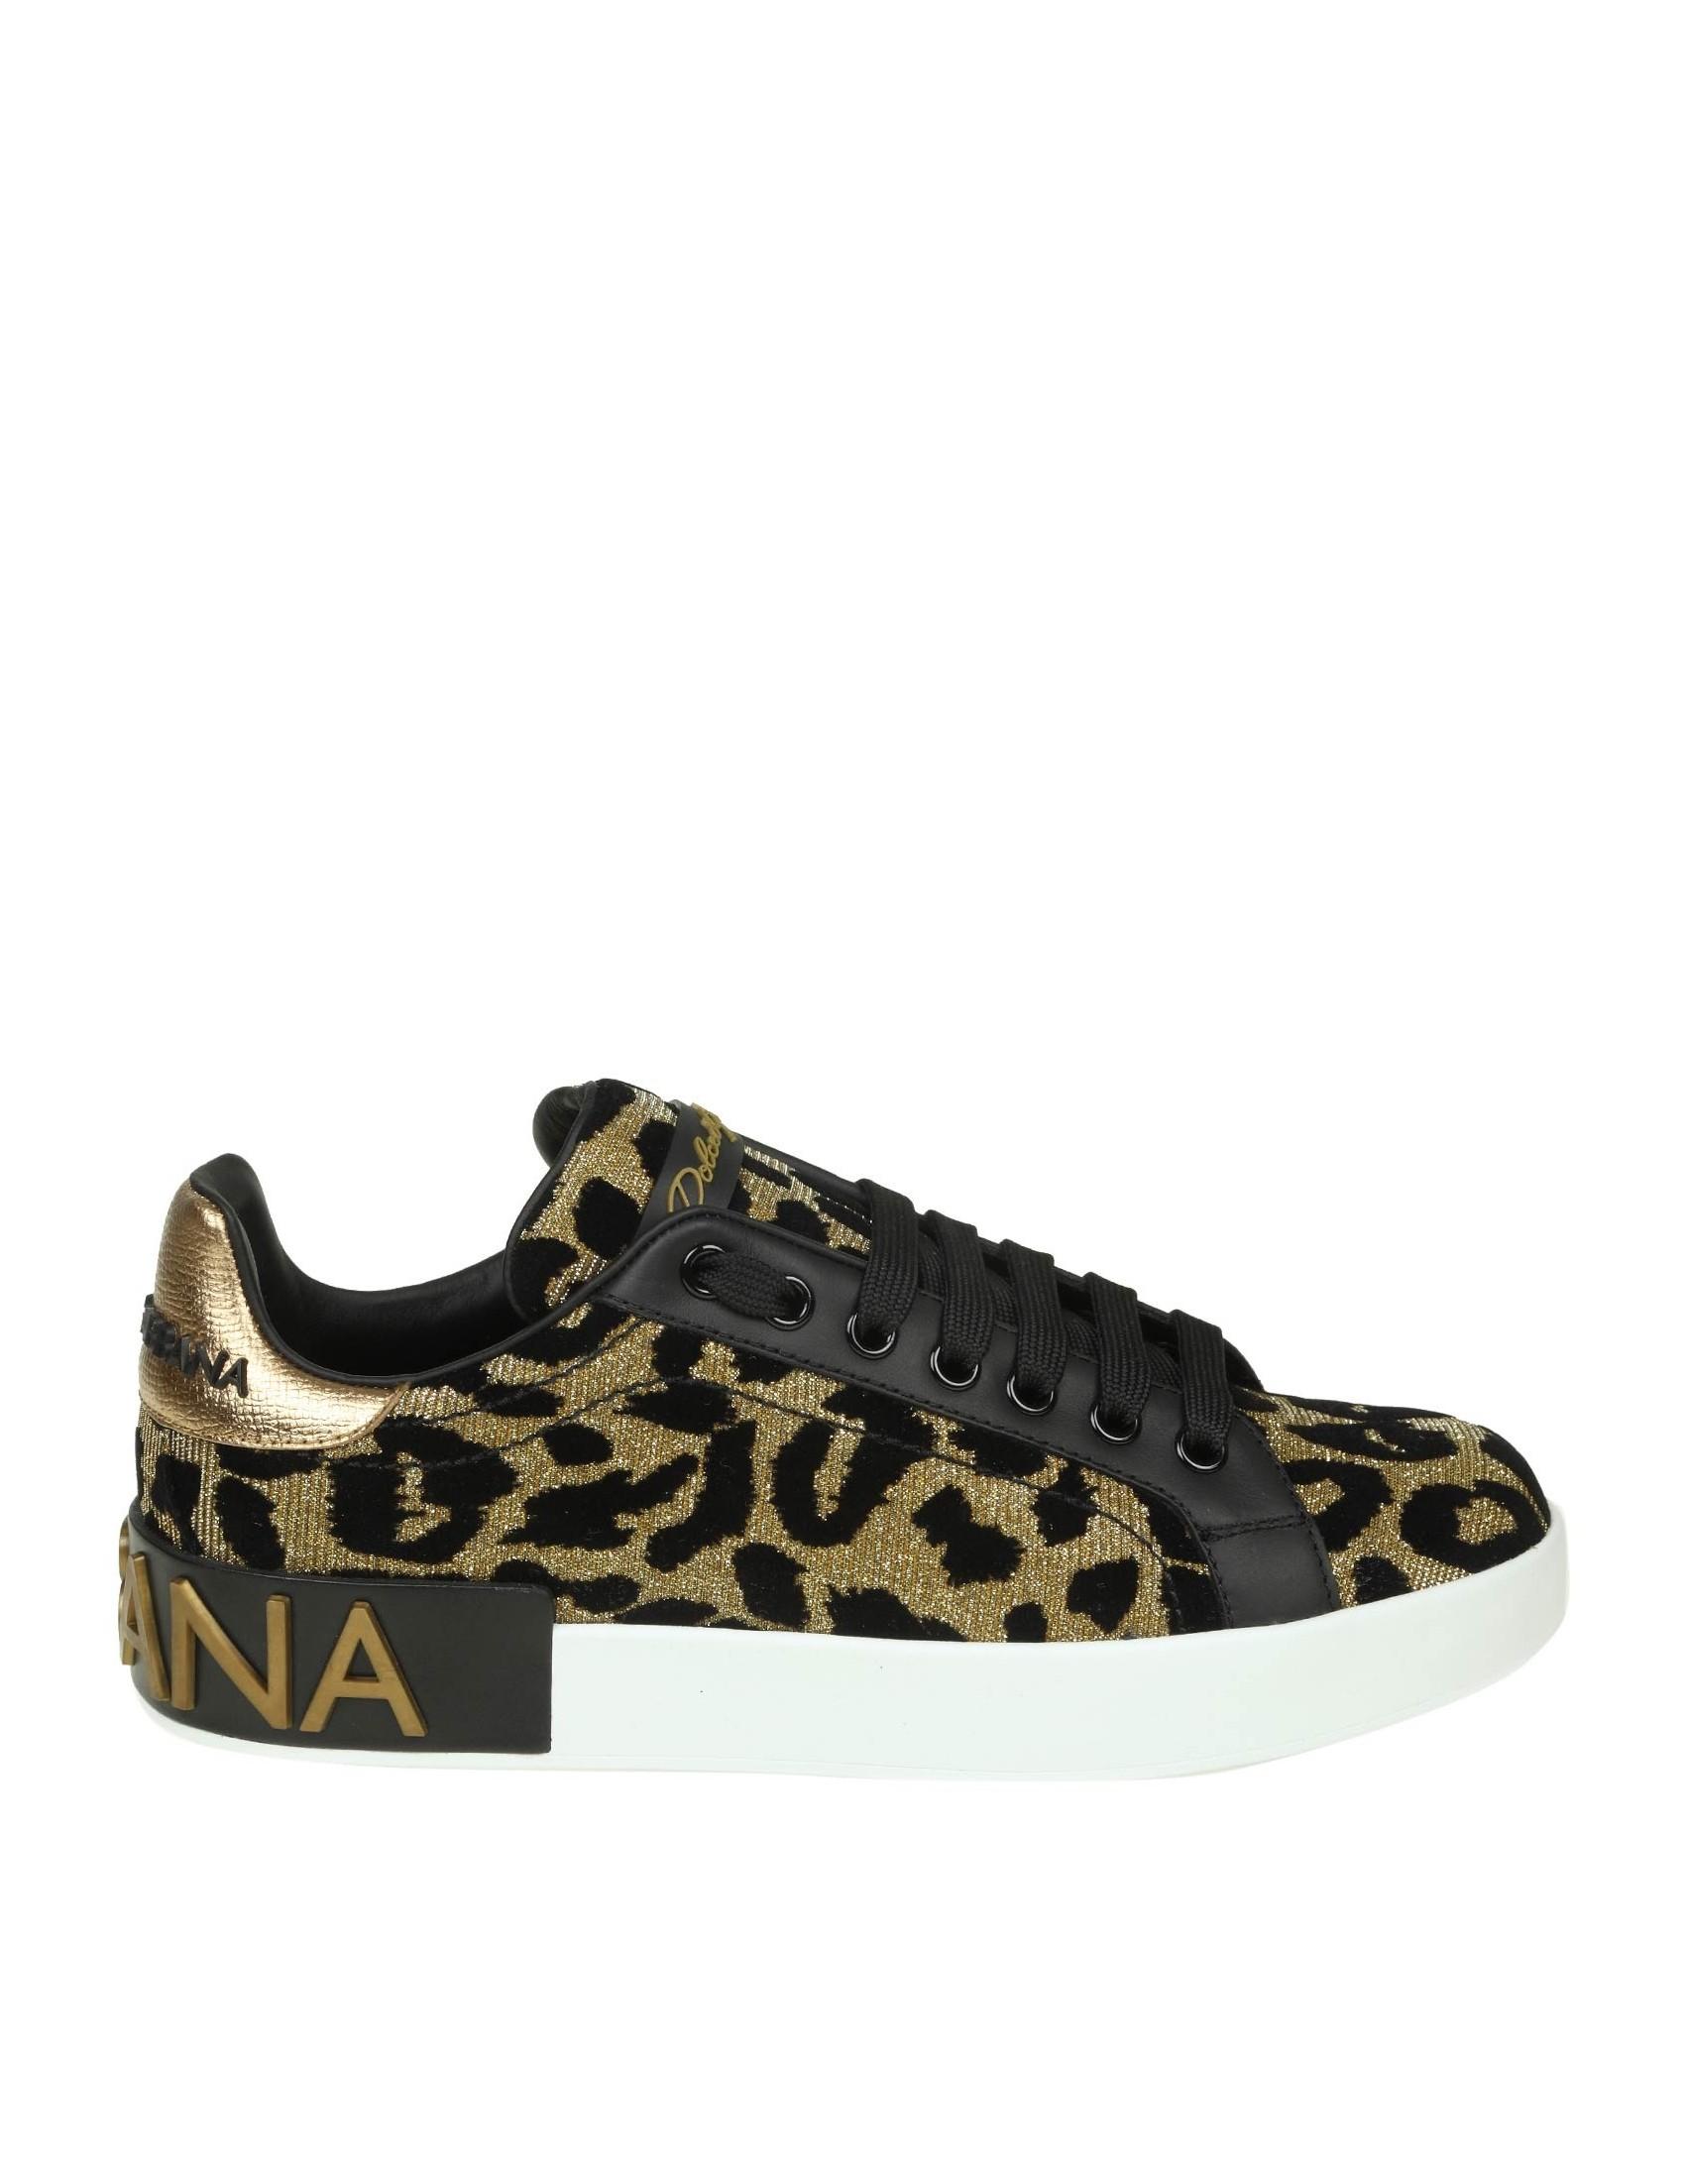 61b40bf17 dolce-gabbana-sneakers-portofino-in-tessuto-effetto-lurex-oro-con-stampa-in-velluto-nero.jpg